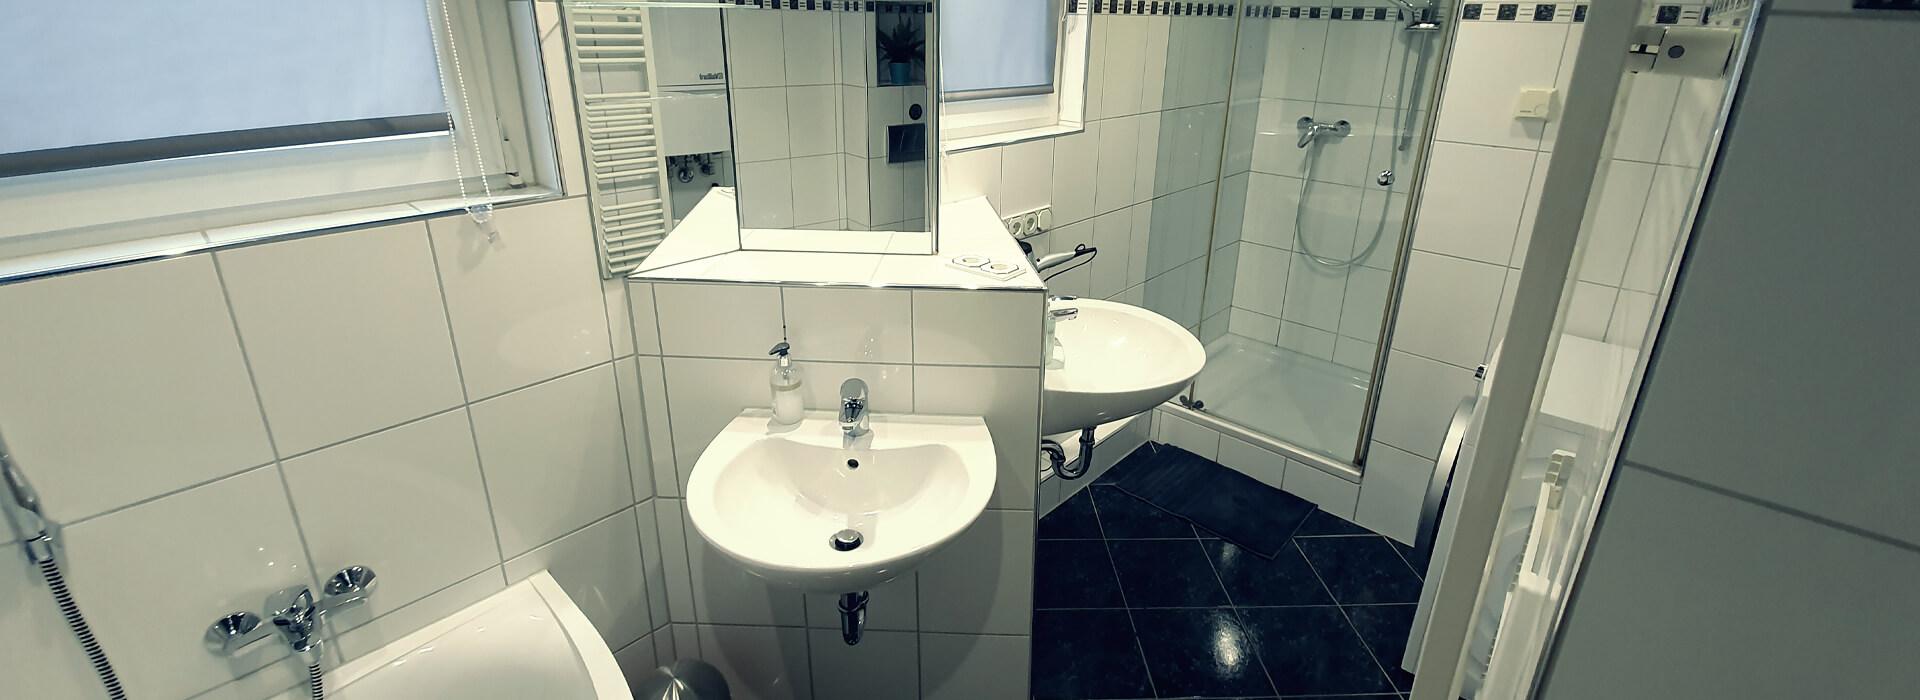 og-badezimmer-fewoamblauenhut